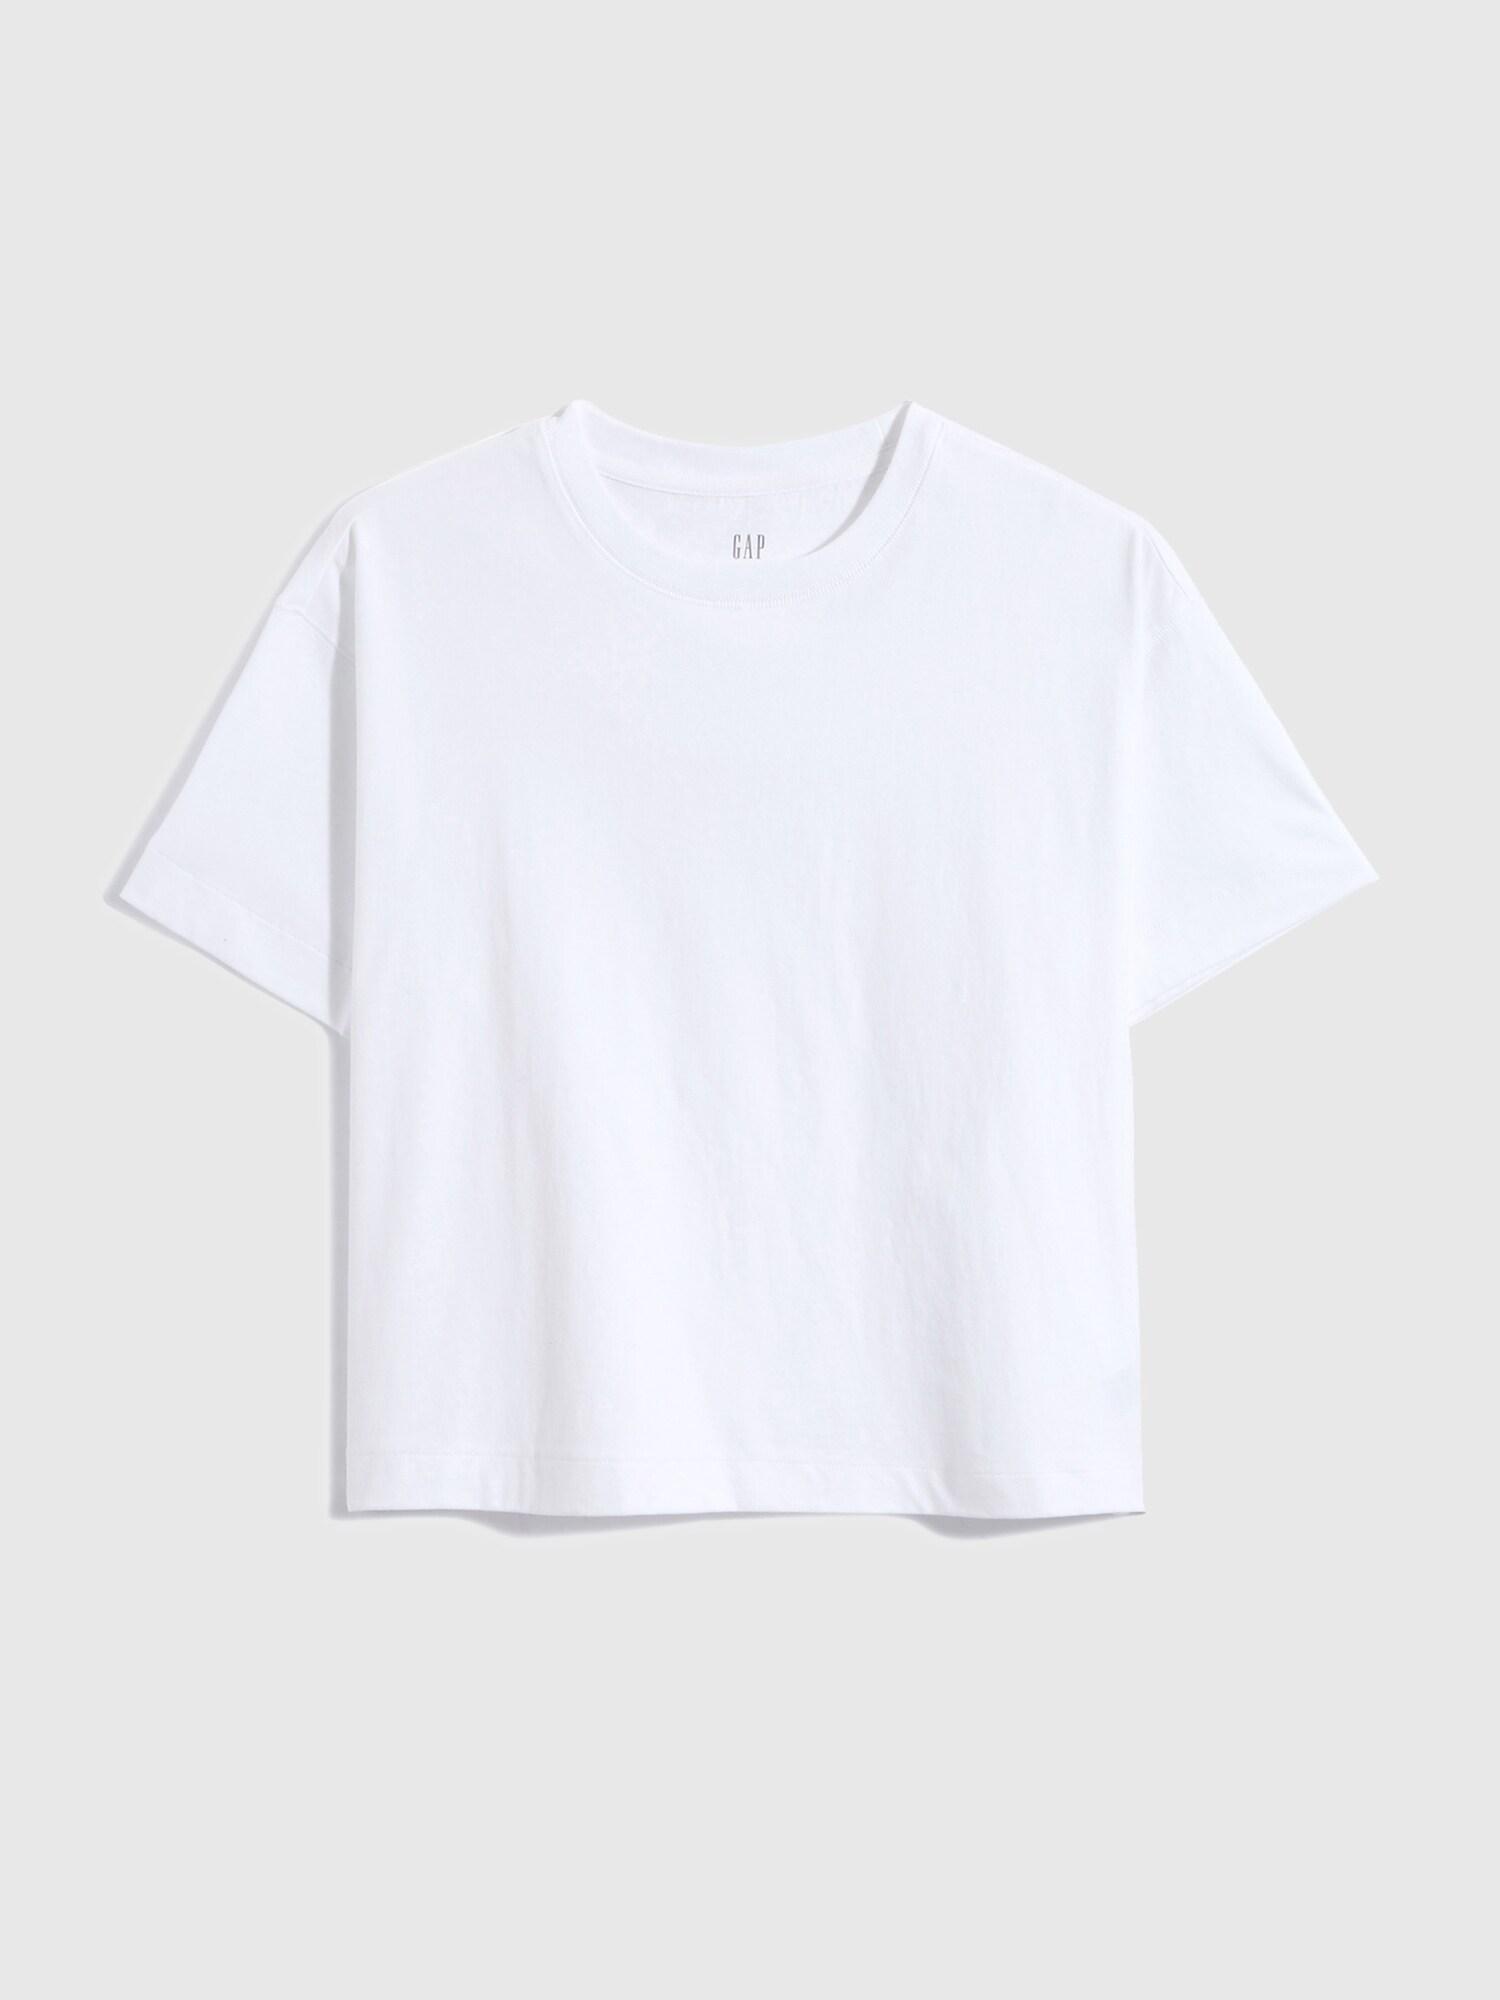 ボクシー クロップドtシャツ